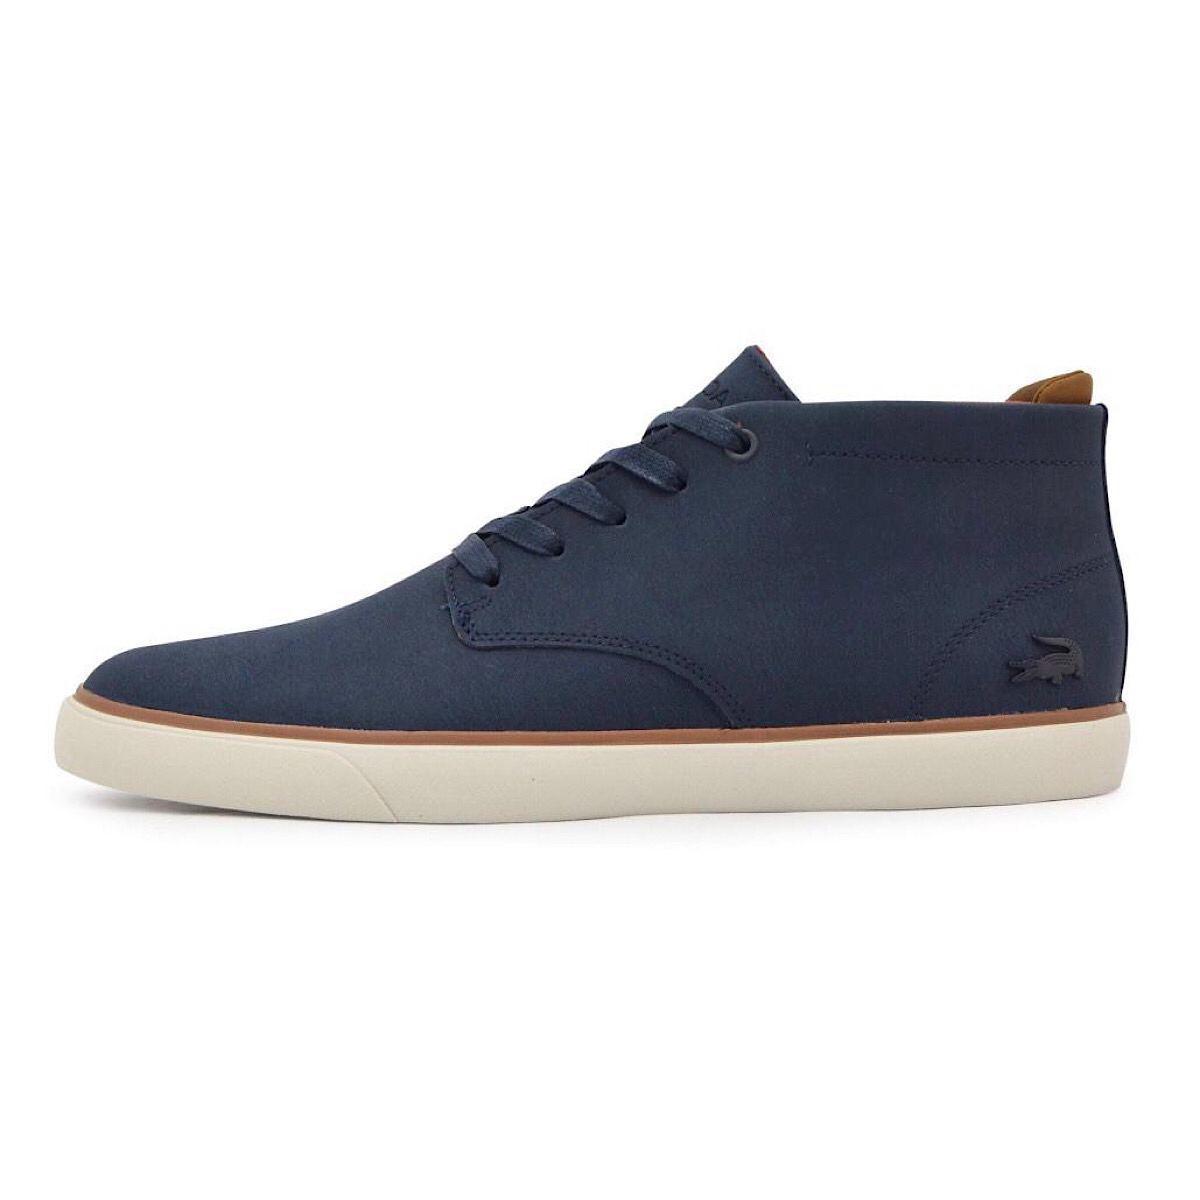 کفش روزمره مردانه لاگوست مدل espare chukka